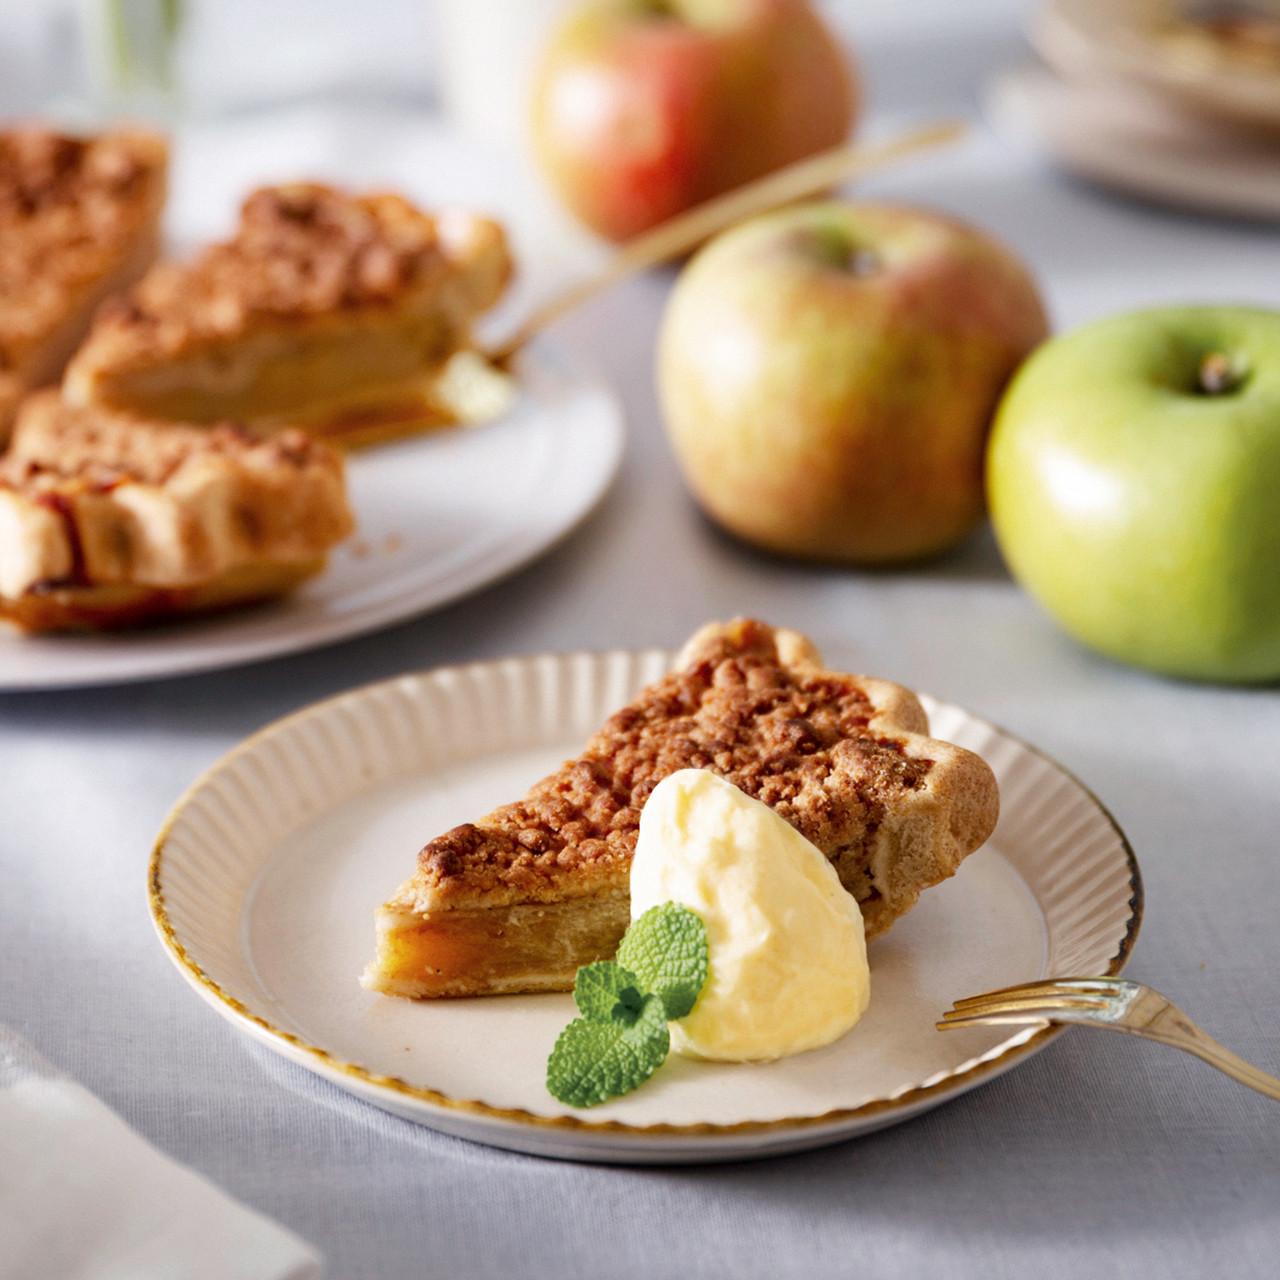 面倒なアップルパイを選んでいただき、ありがとうございます!